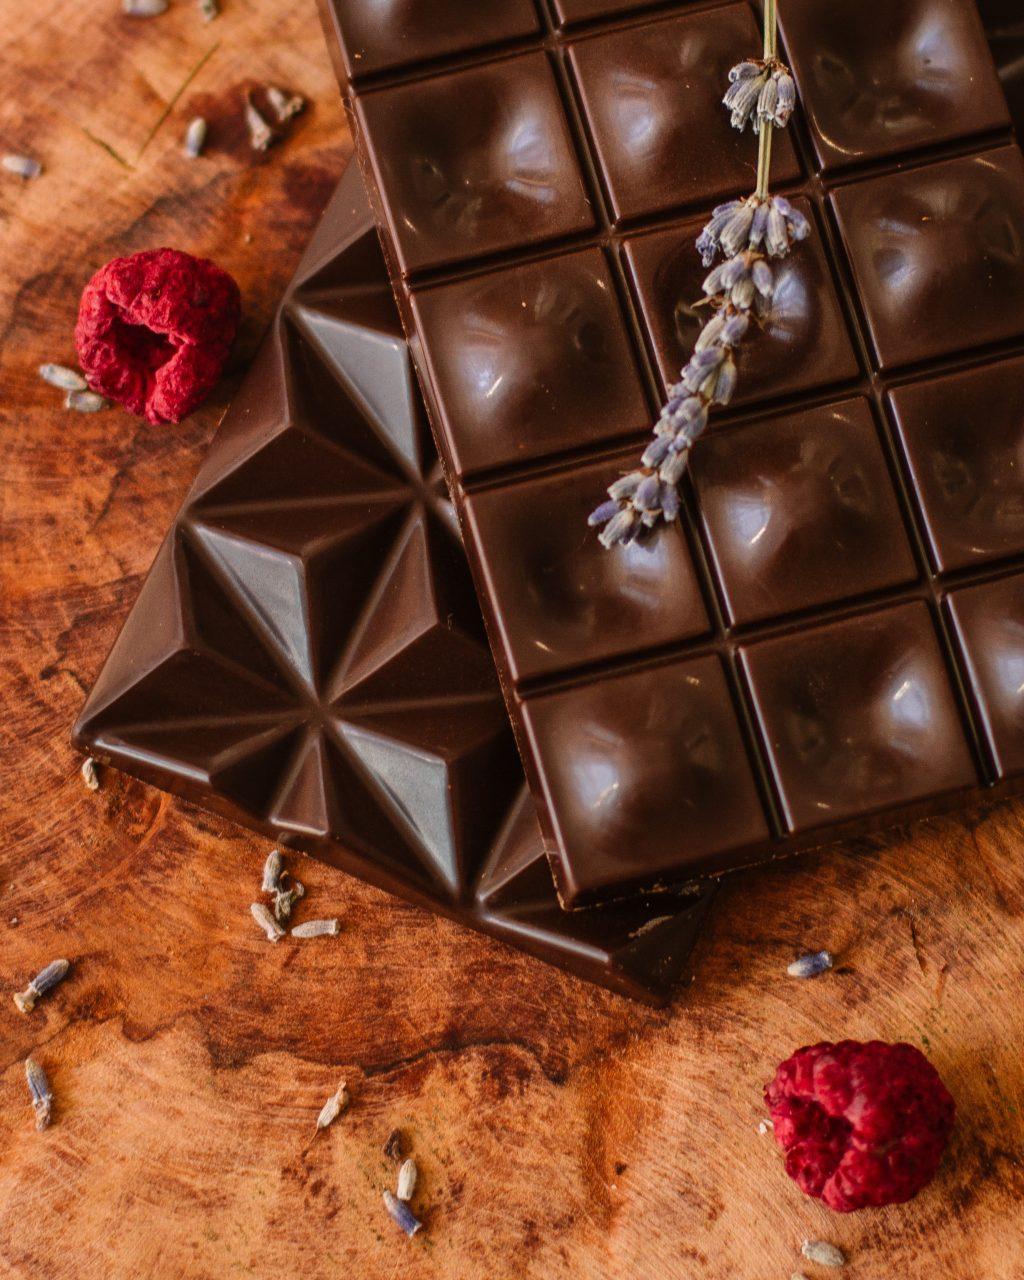 kinh nguyet - chôcolate